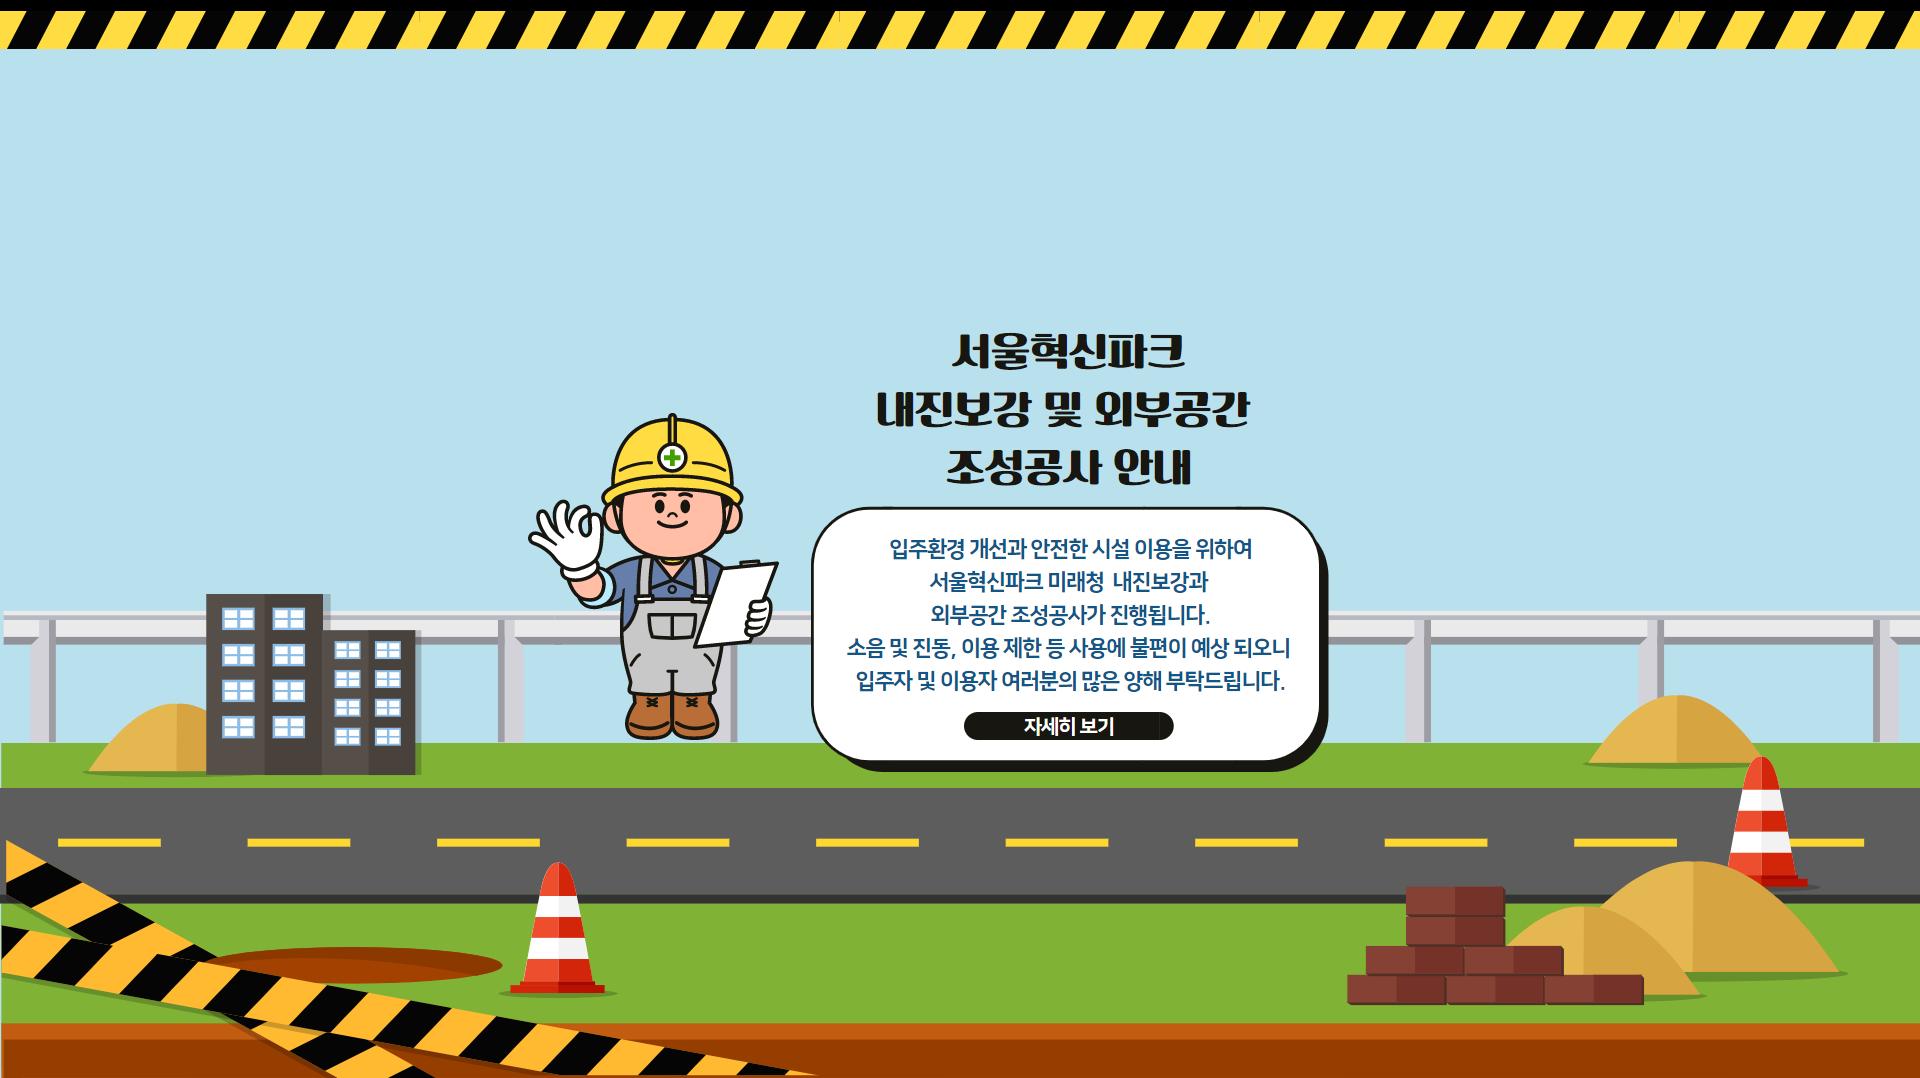 서울혁신파크 내진보강 및 외부공간 조성공사 안내문